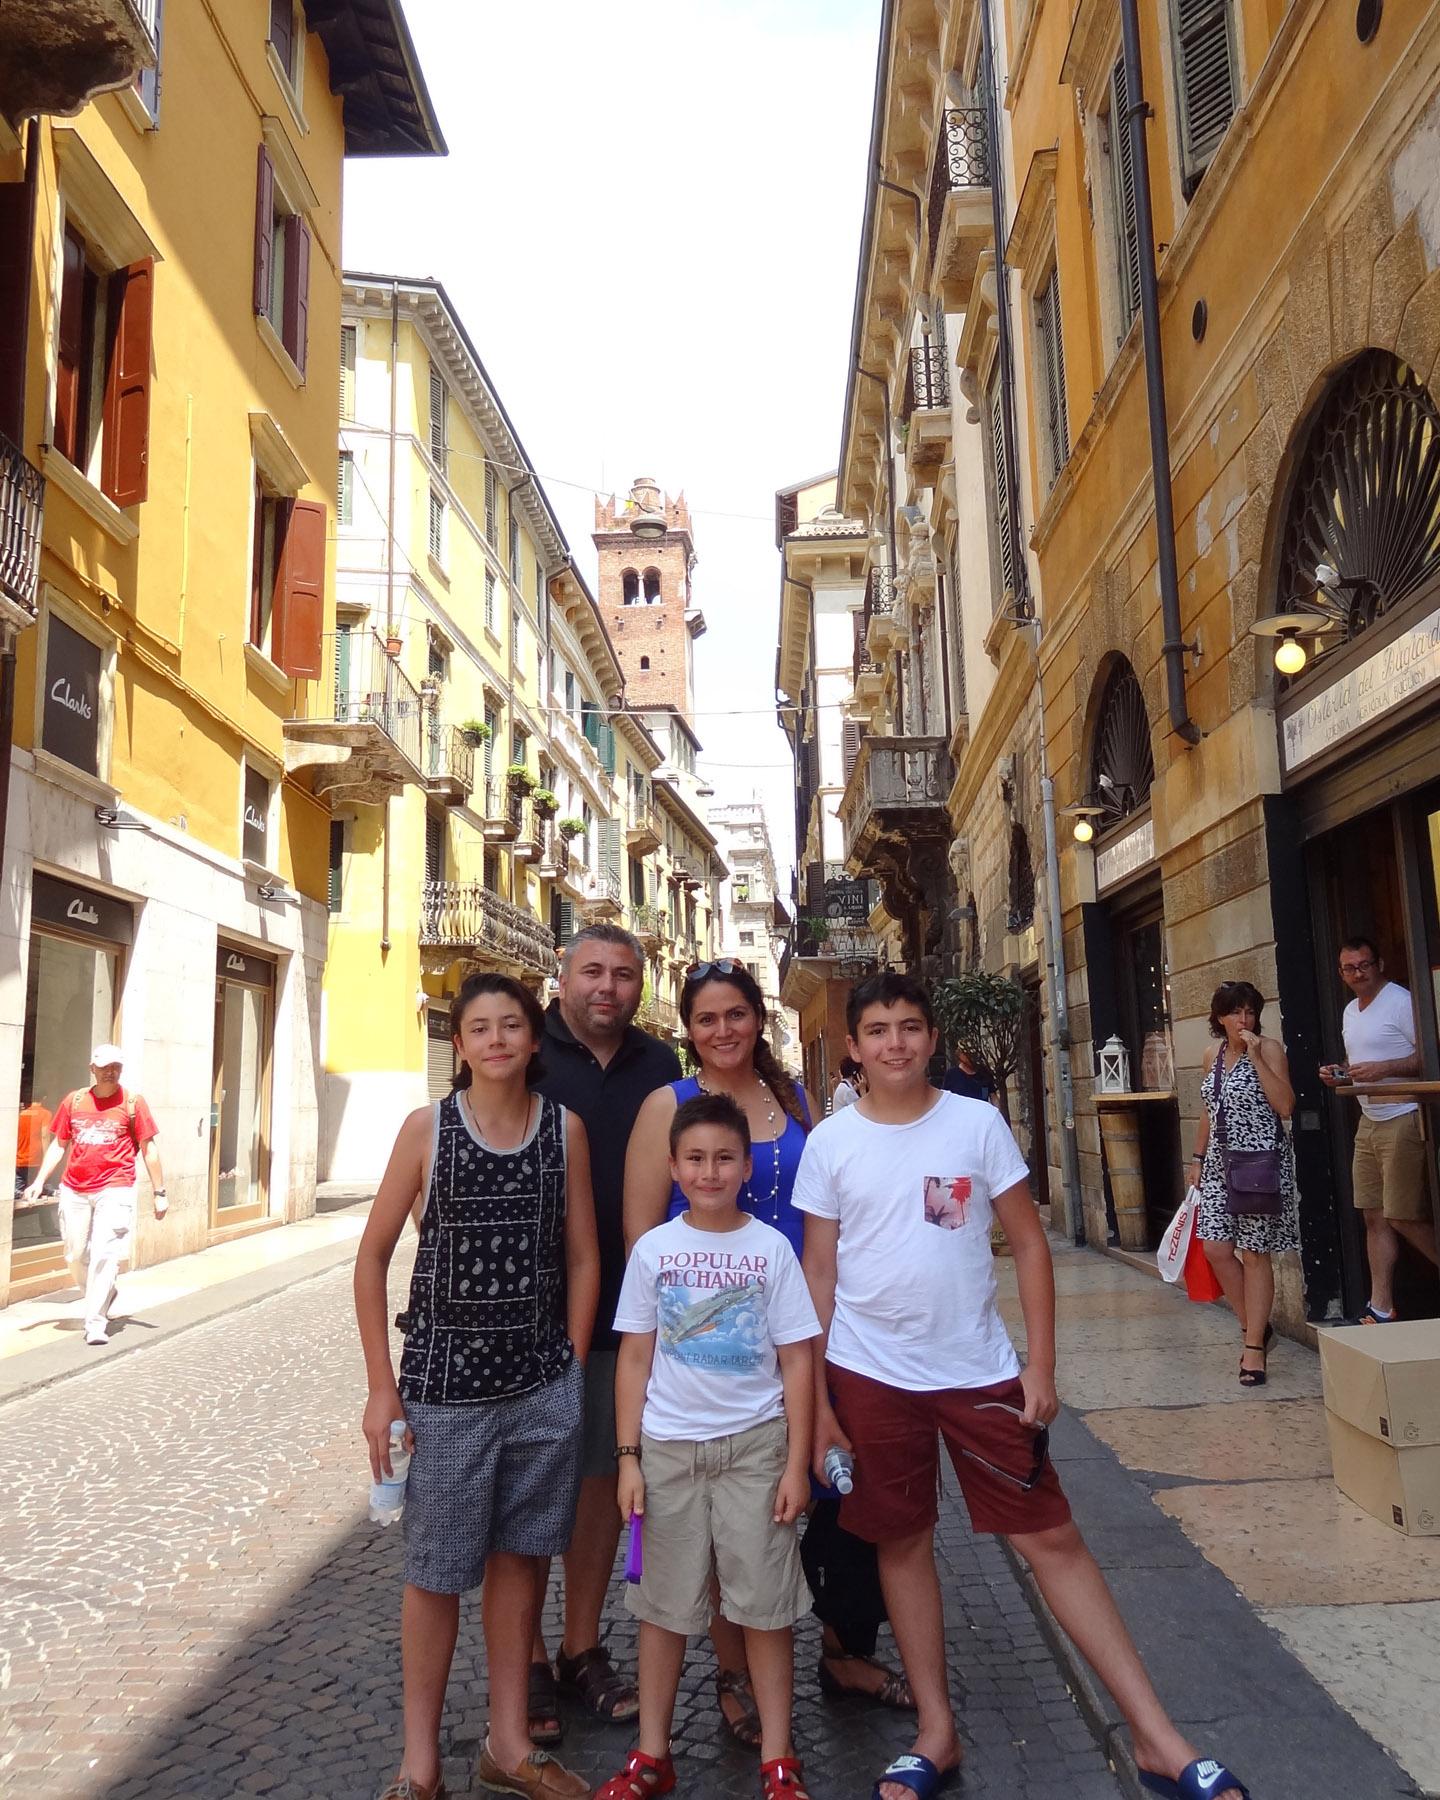 Verona, Italy 2015